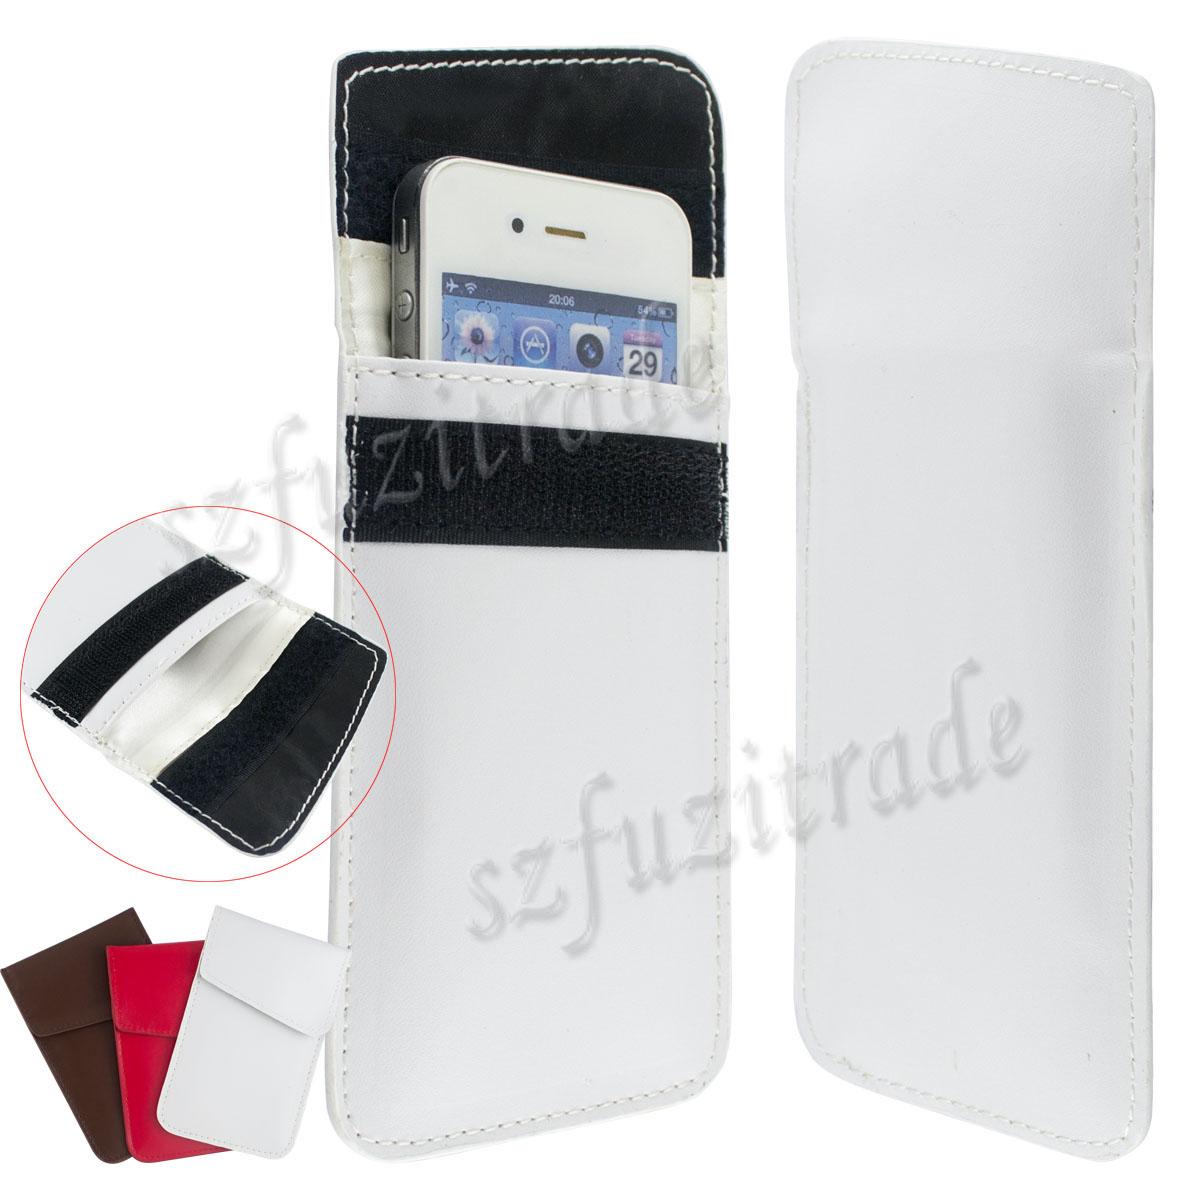 Phone line jammer ebay - cell phone jammer on ebay